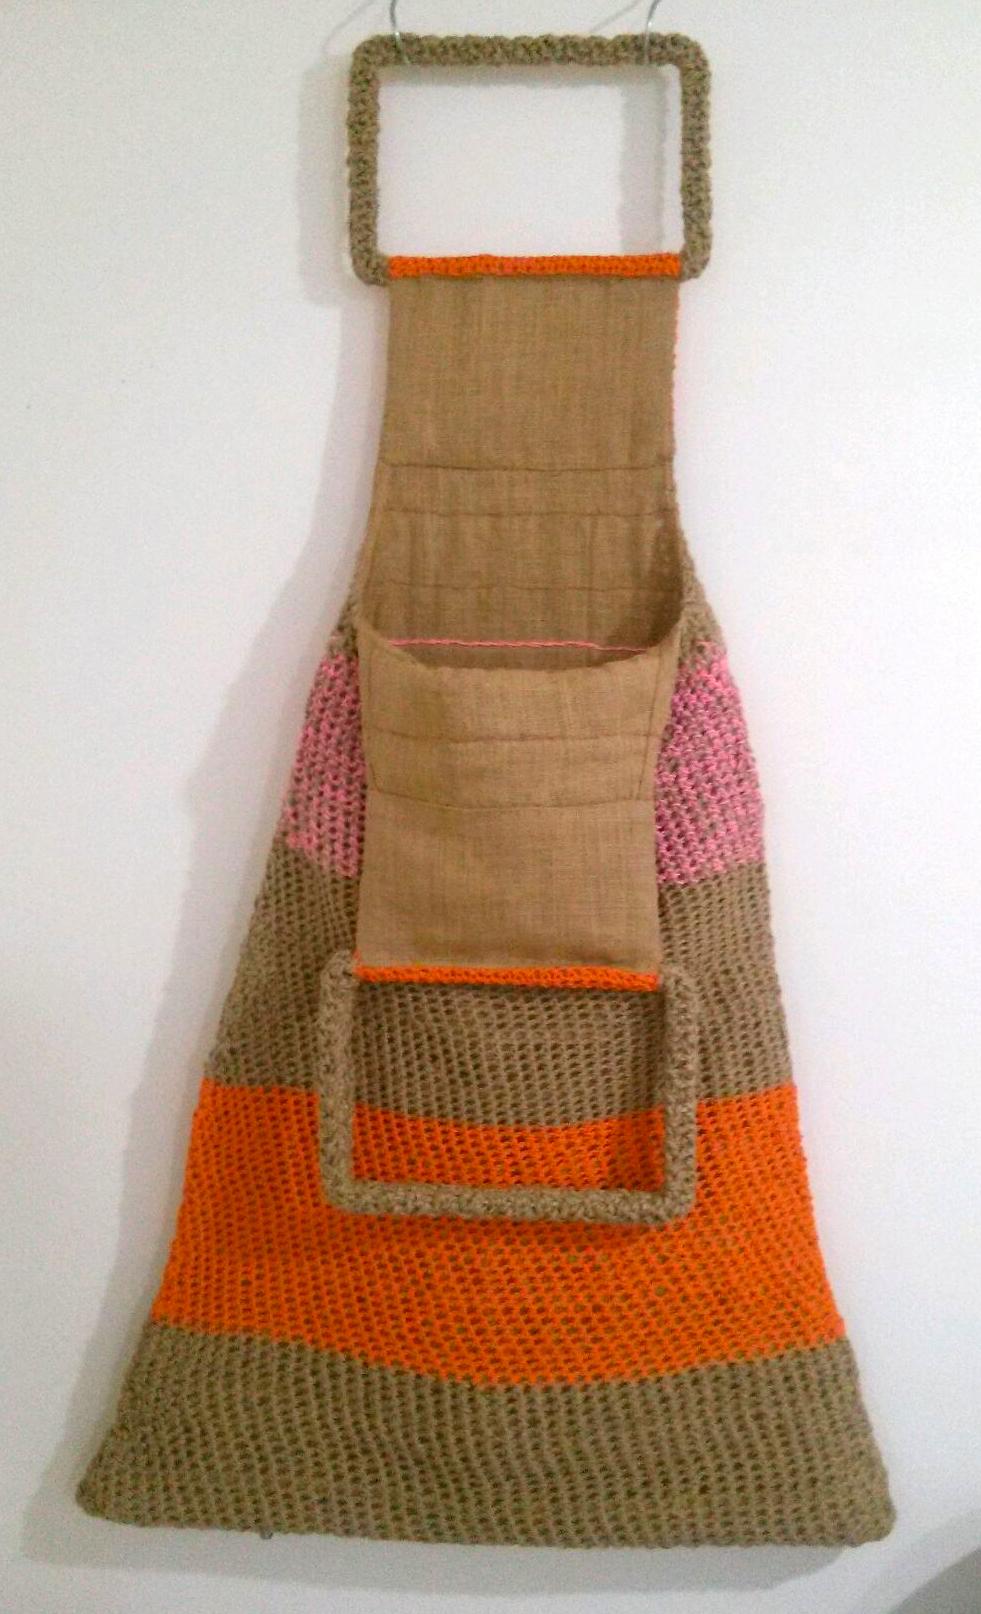 Sac de ménagère, ficelle et drisses au crochet - 1971